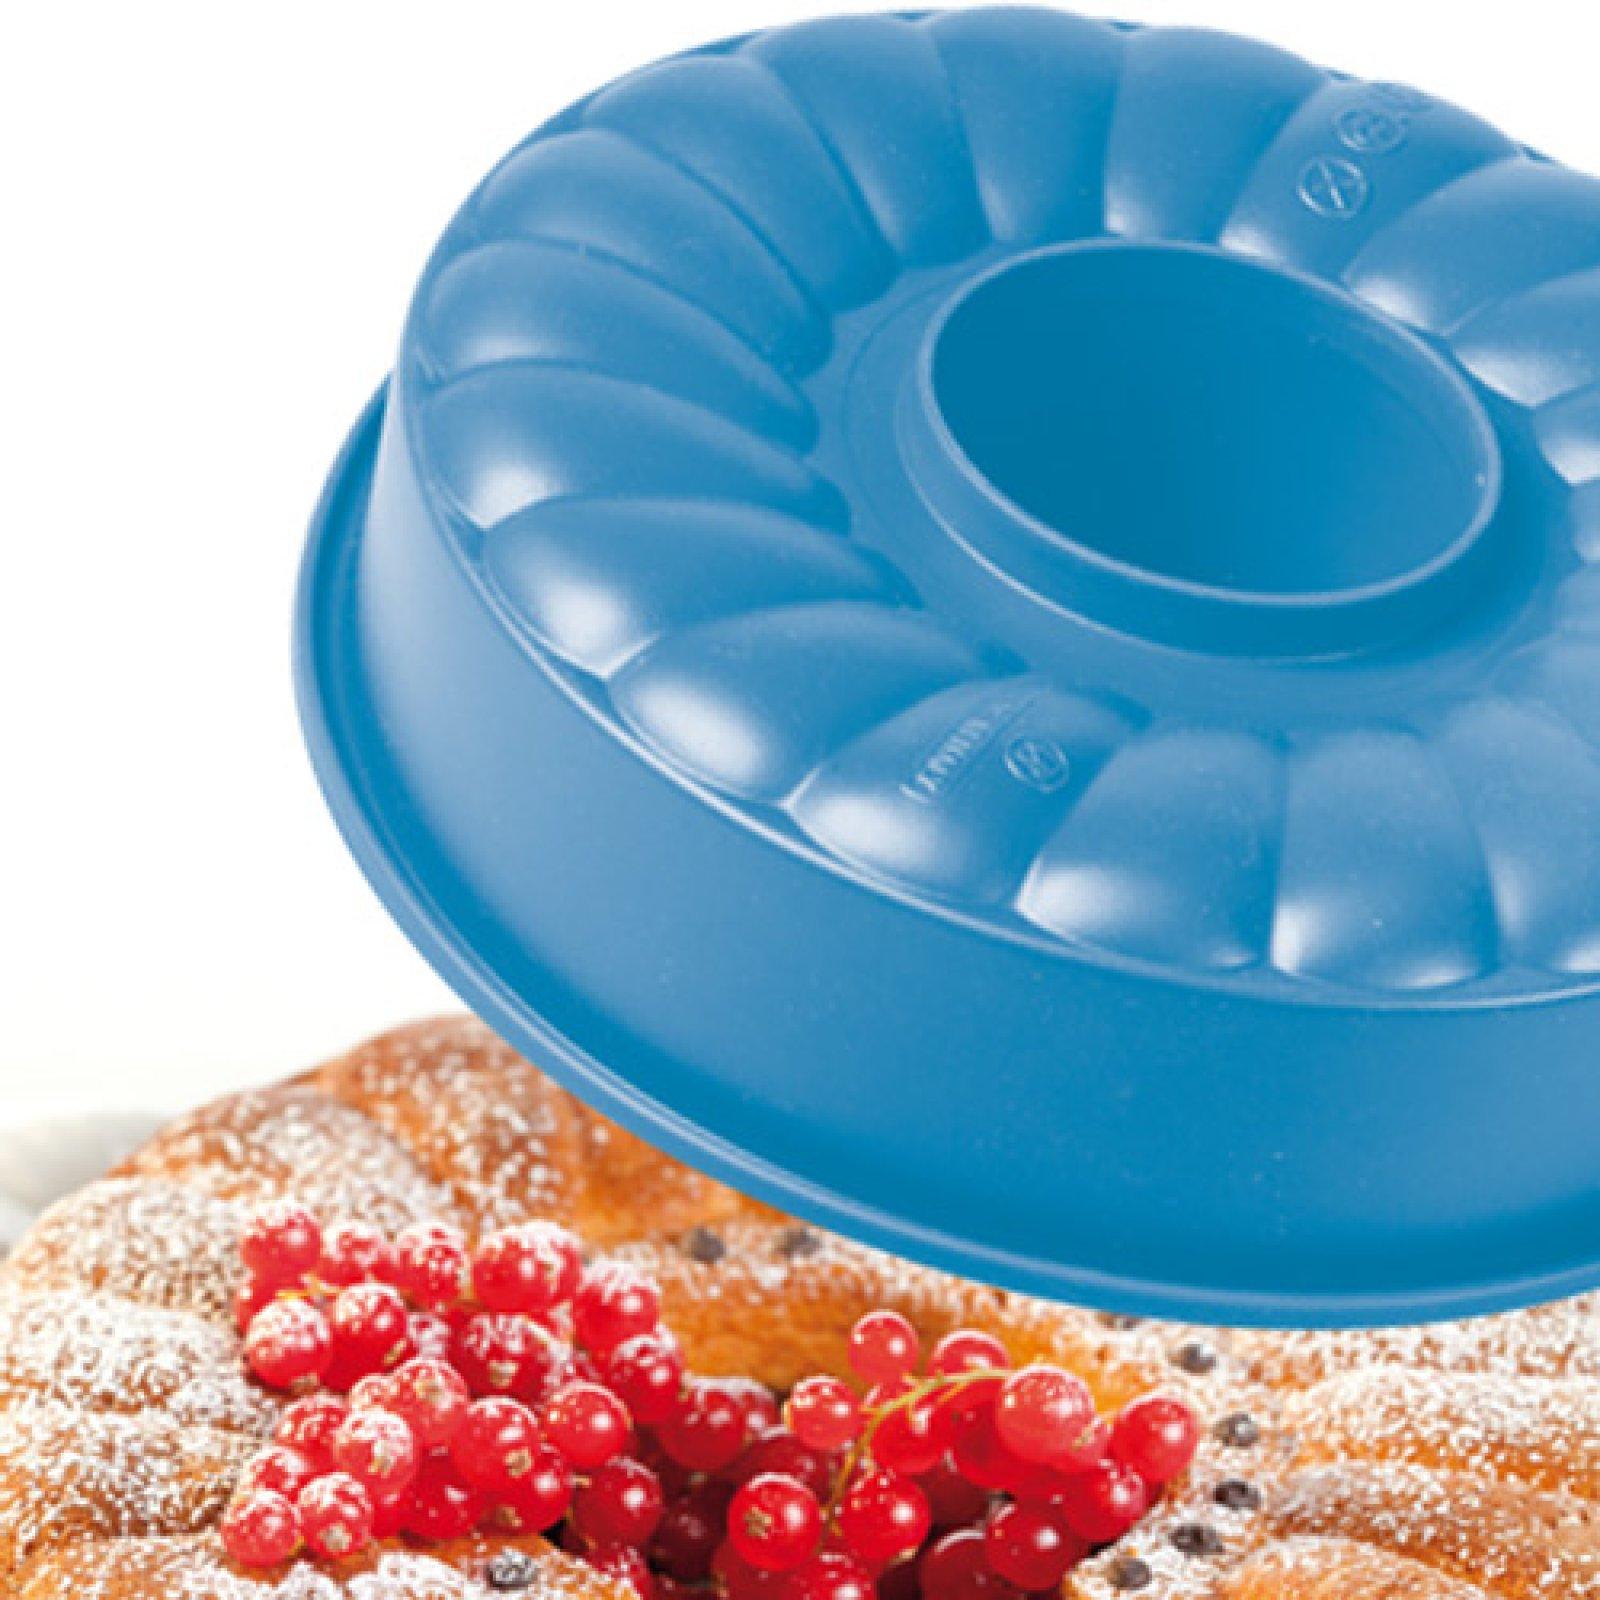 Kuchen Aus Silikon Backform Lösen : backform kranzkuchen aus silikon der ideen ~ Watch28wear.com Haus und Dekorationen